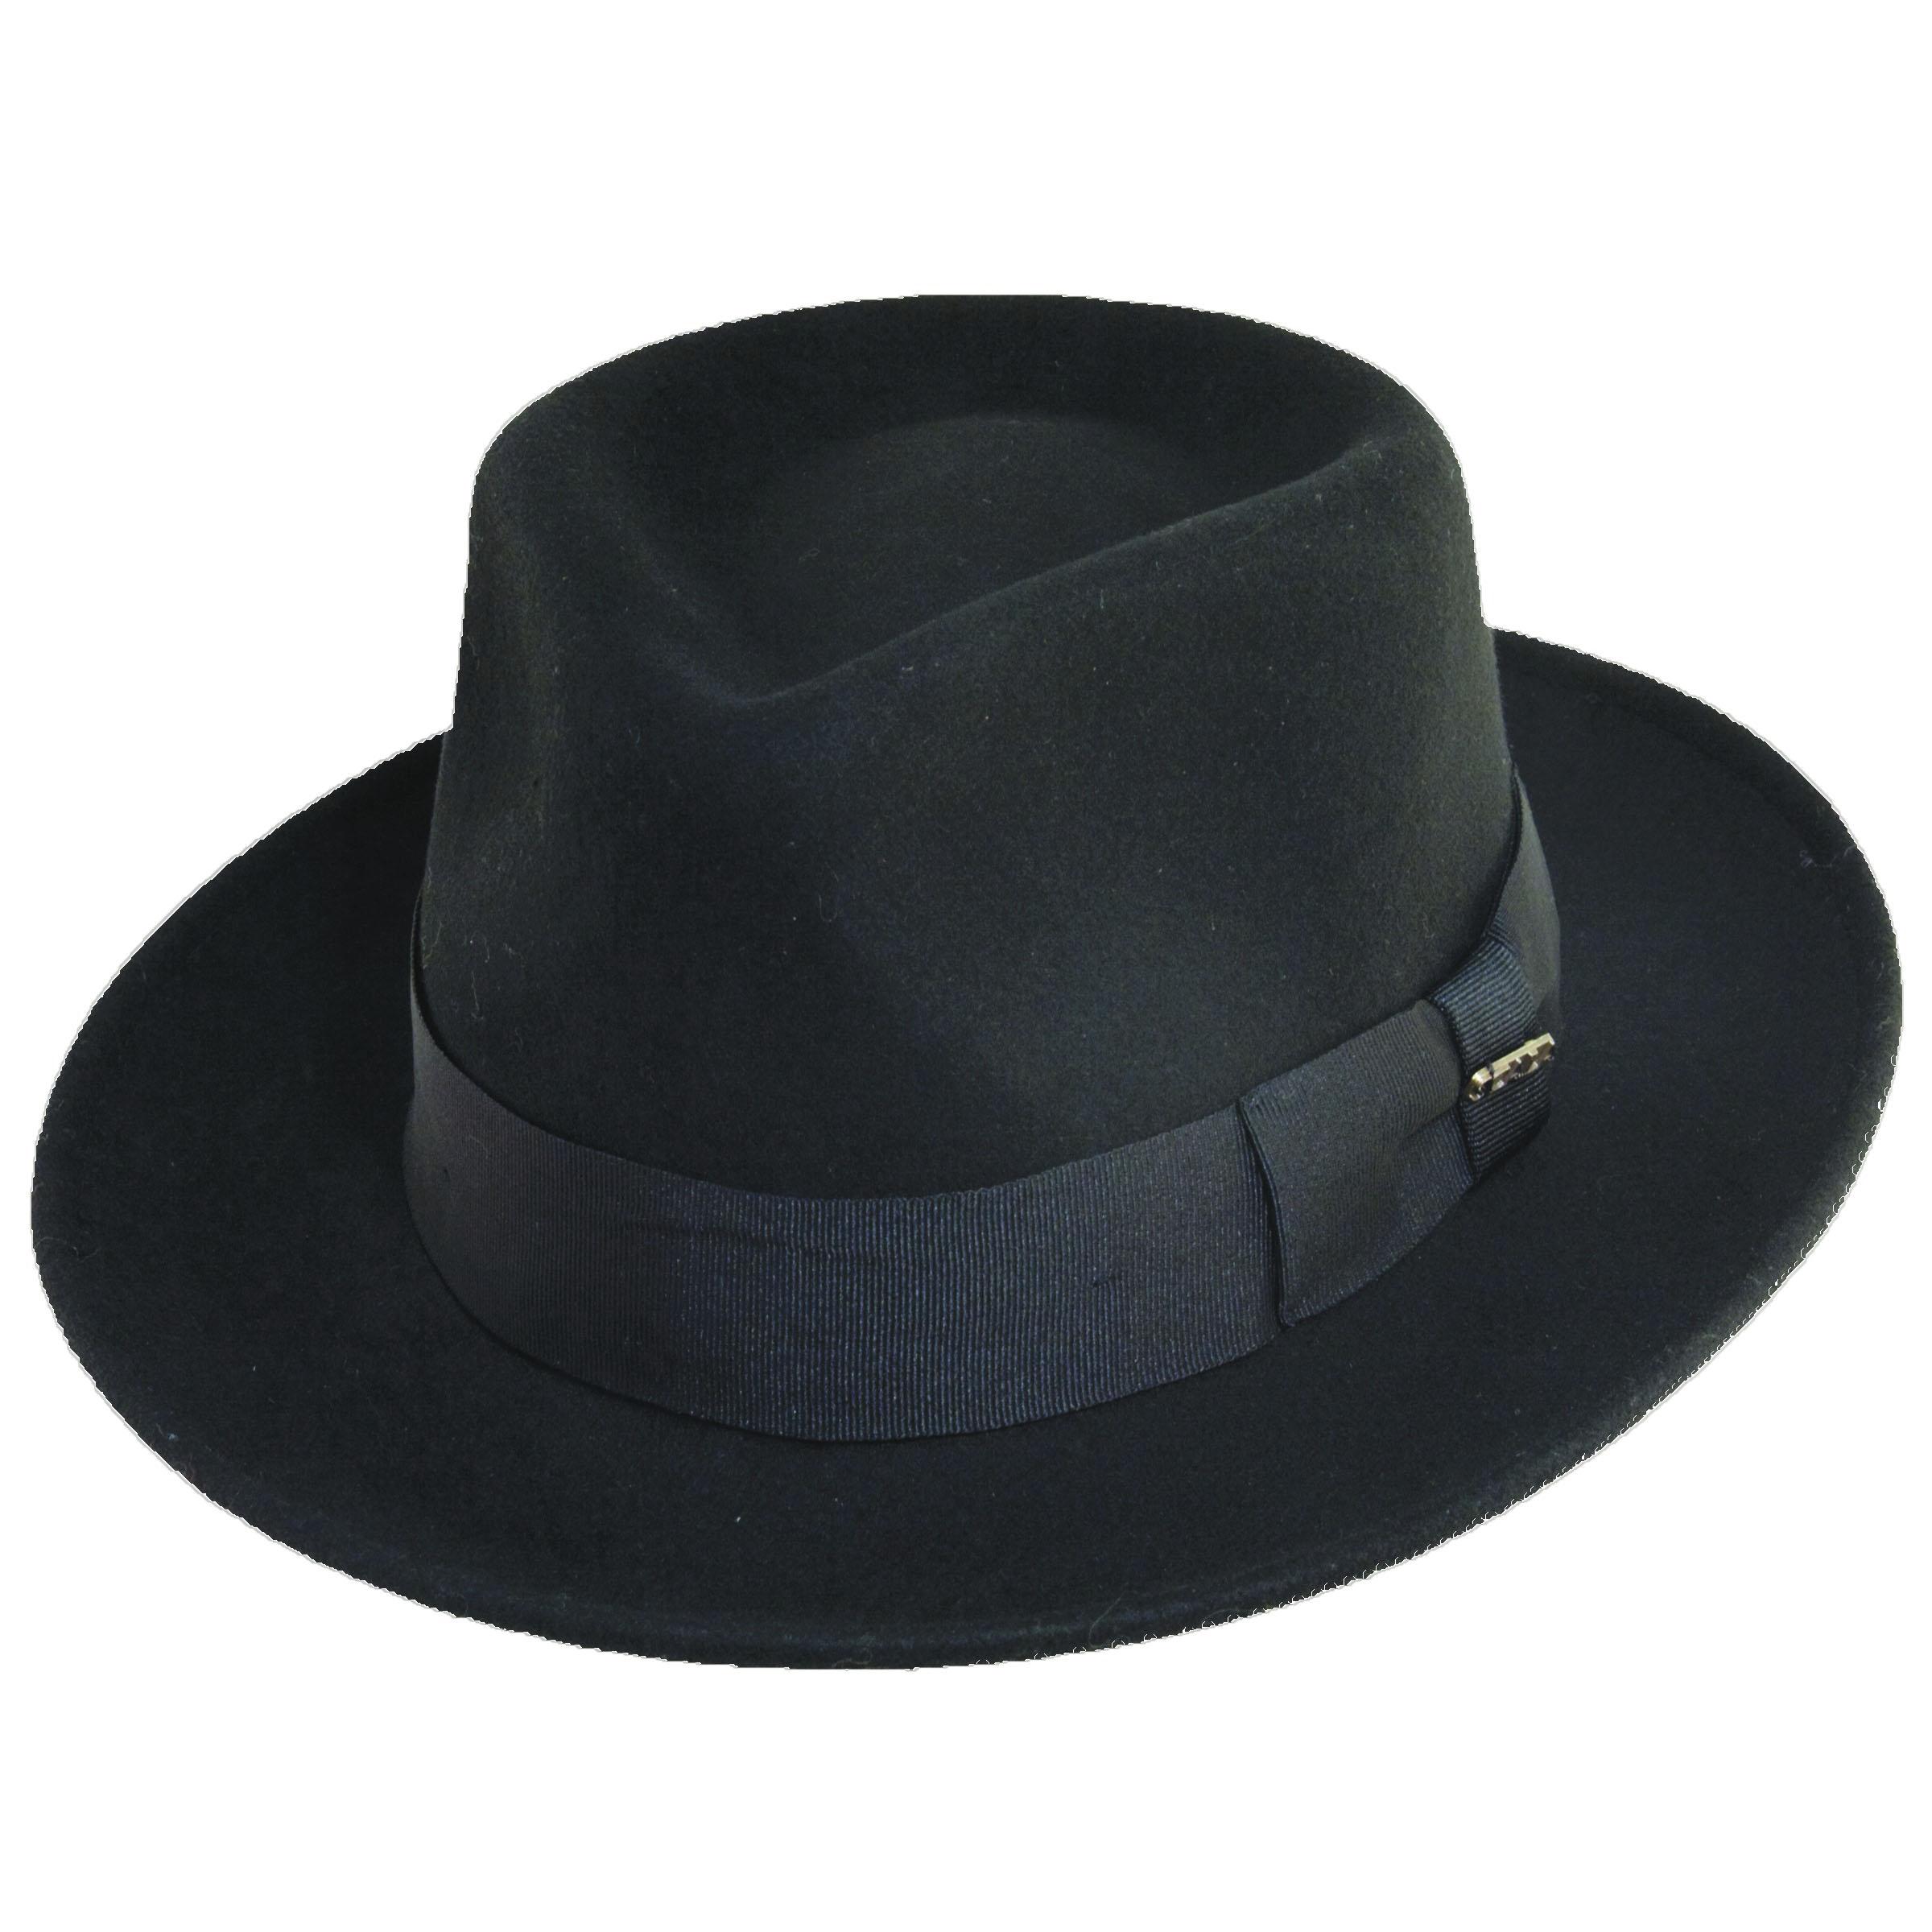 817db4e4b0ac18 Crushable Wool Felt Fedora | Explorer Hats